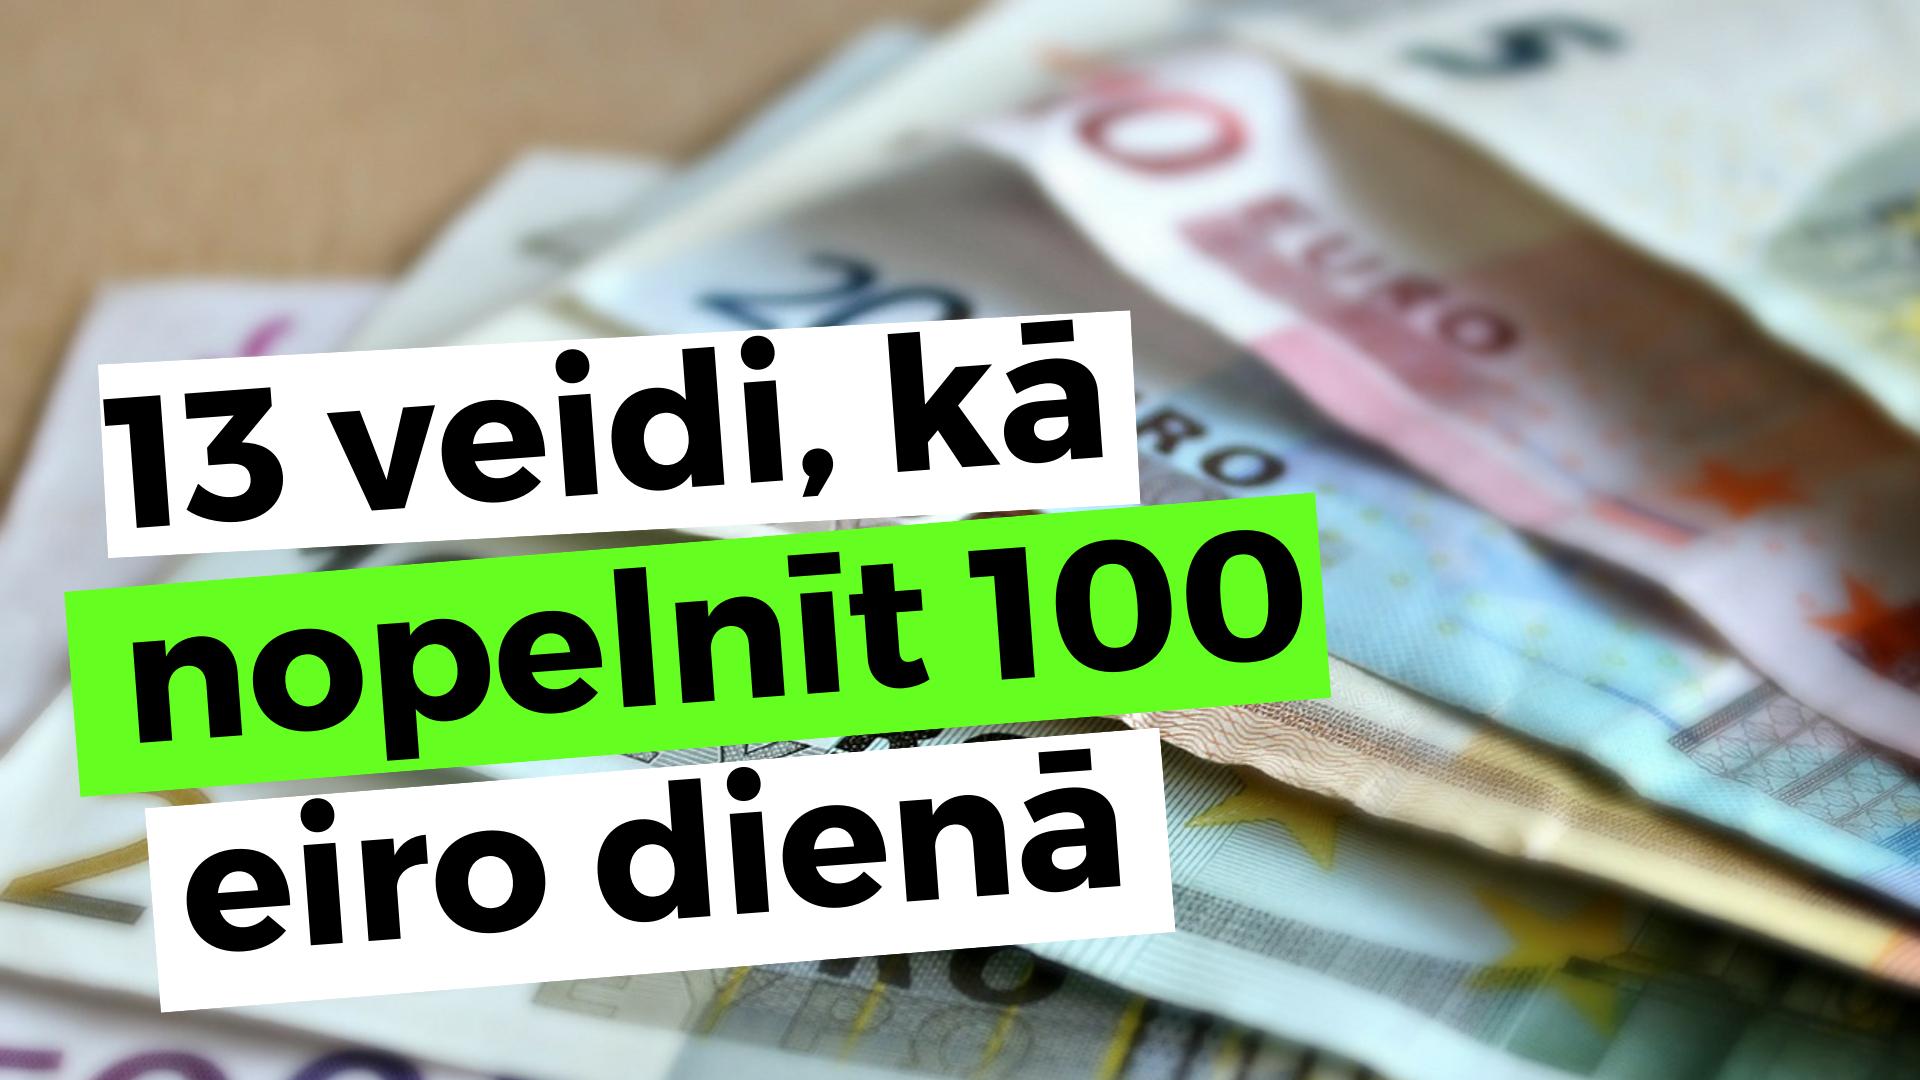 kā nopelnīt naudu jaunos veidos)